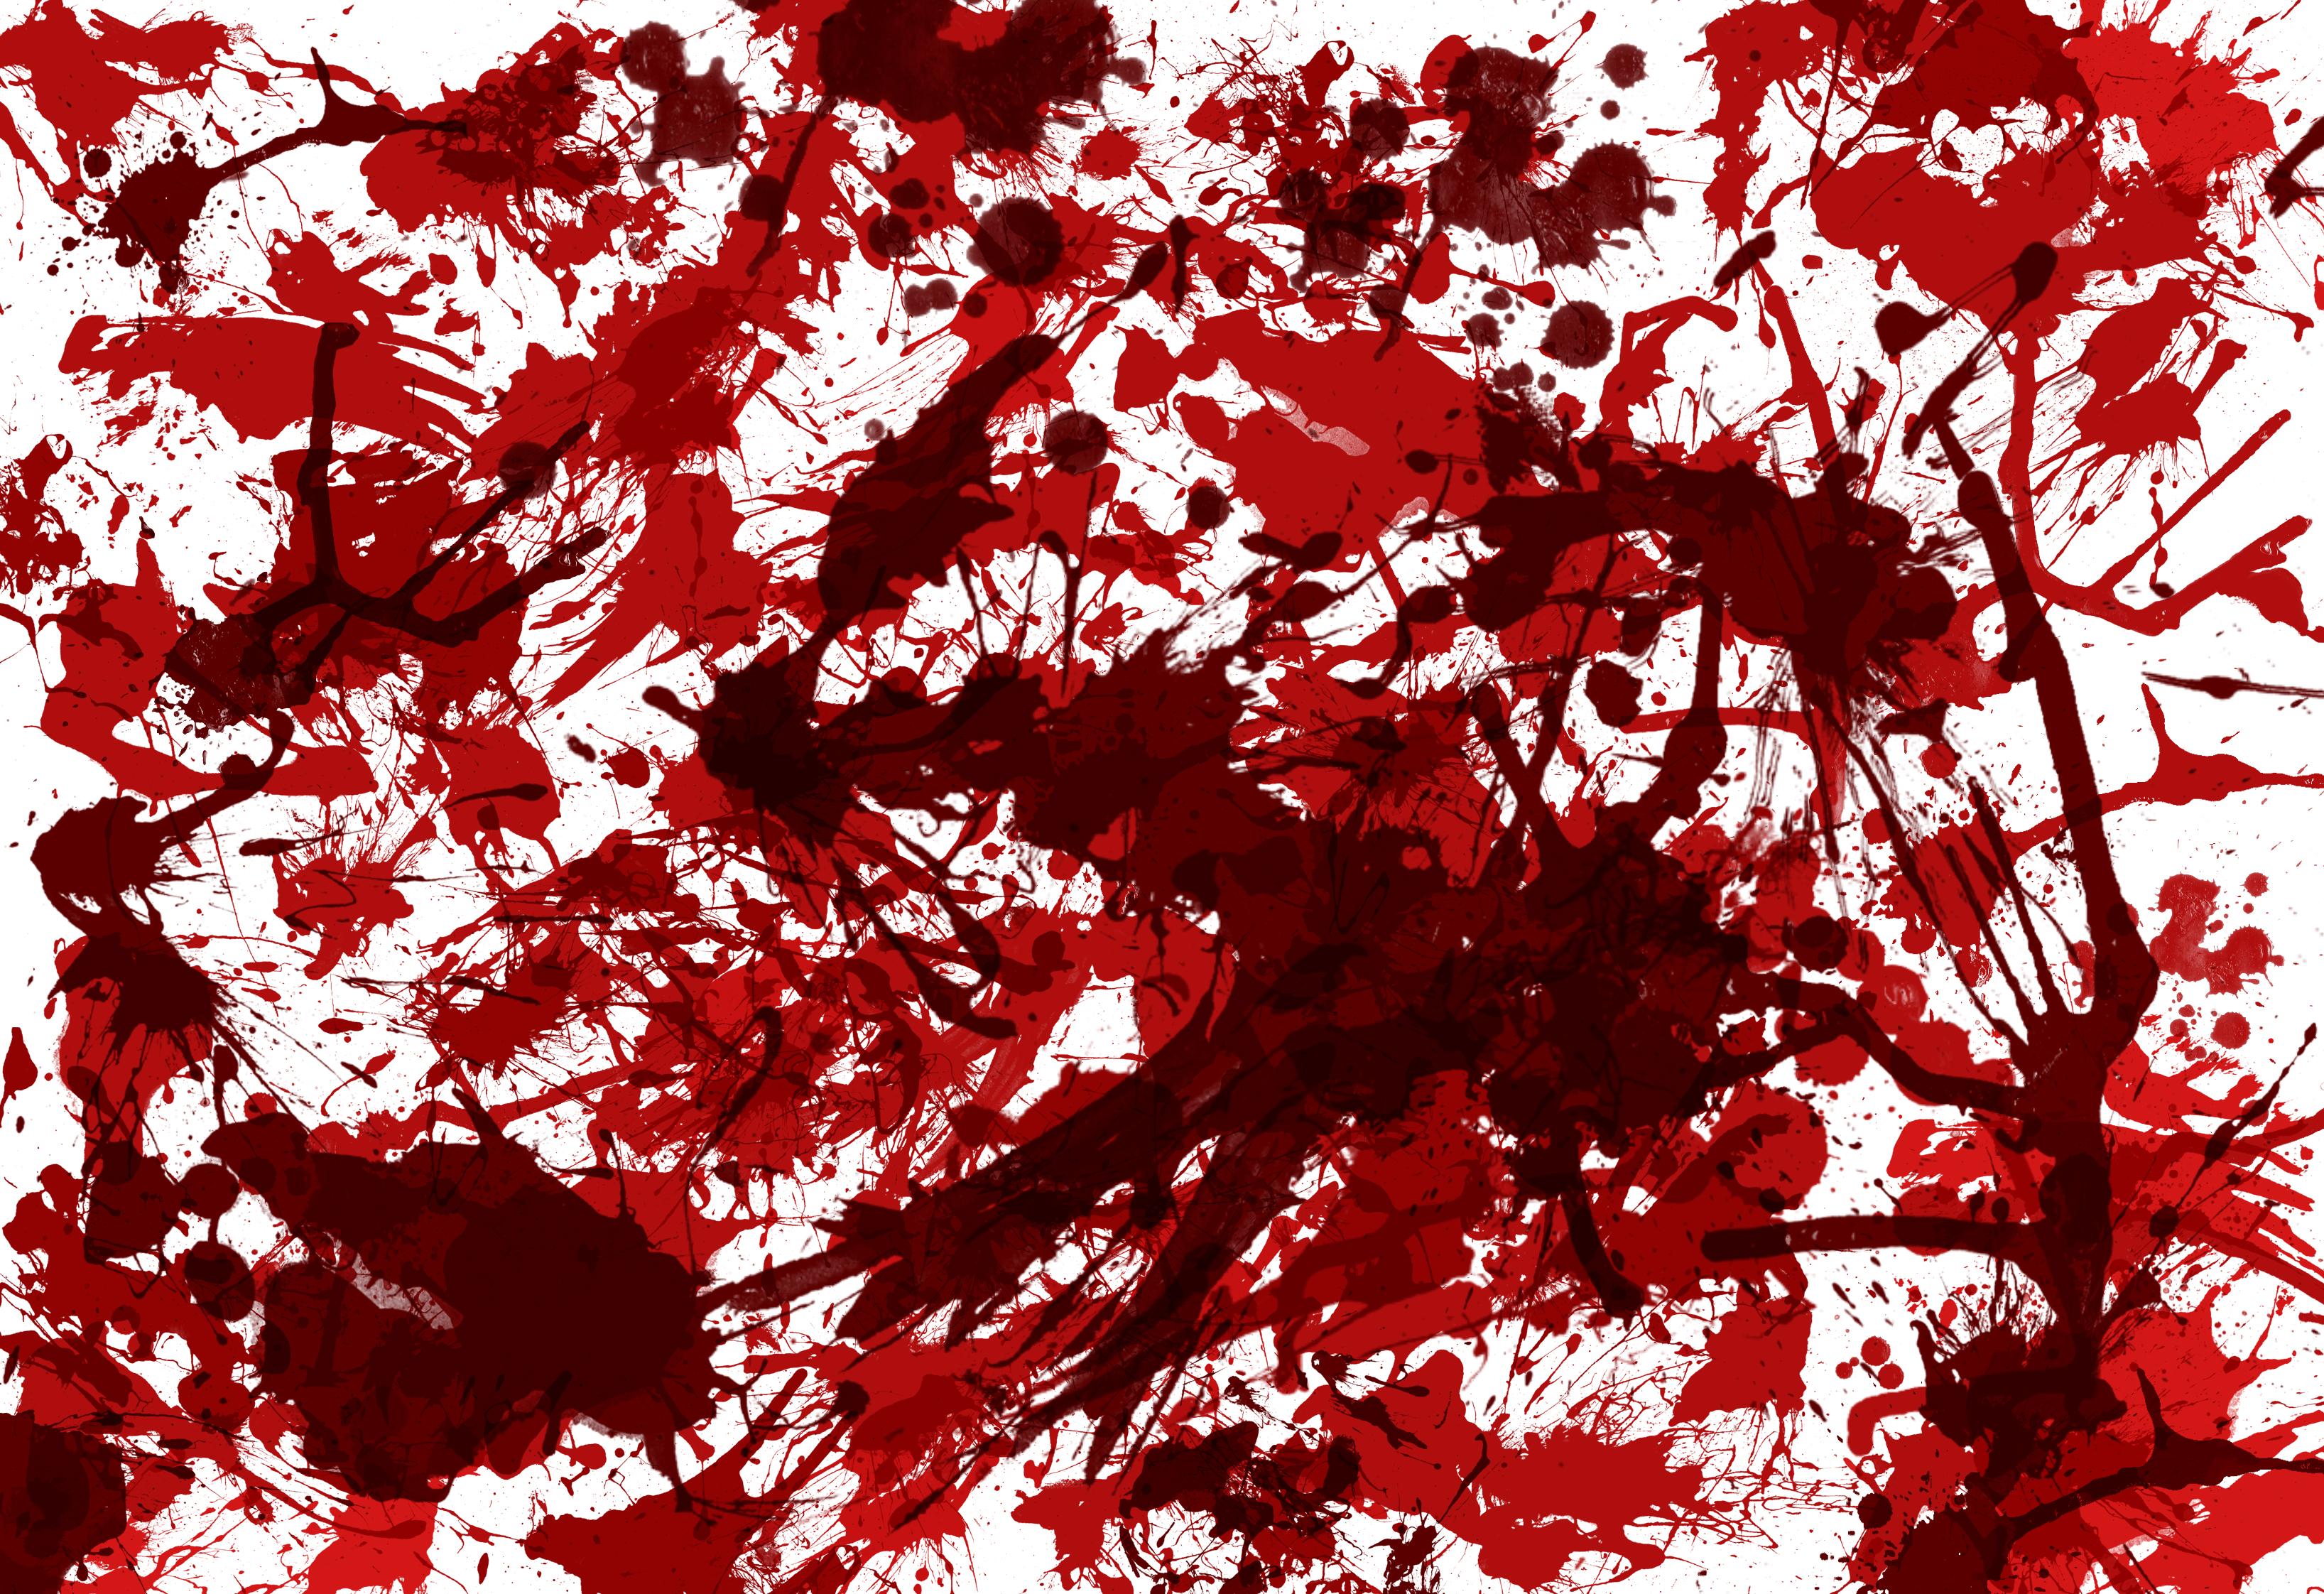 texture - Blood Splatter Blood